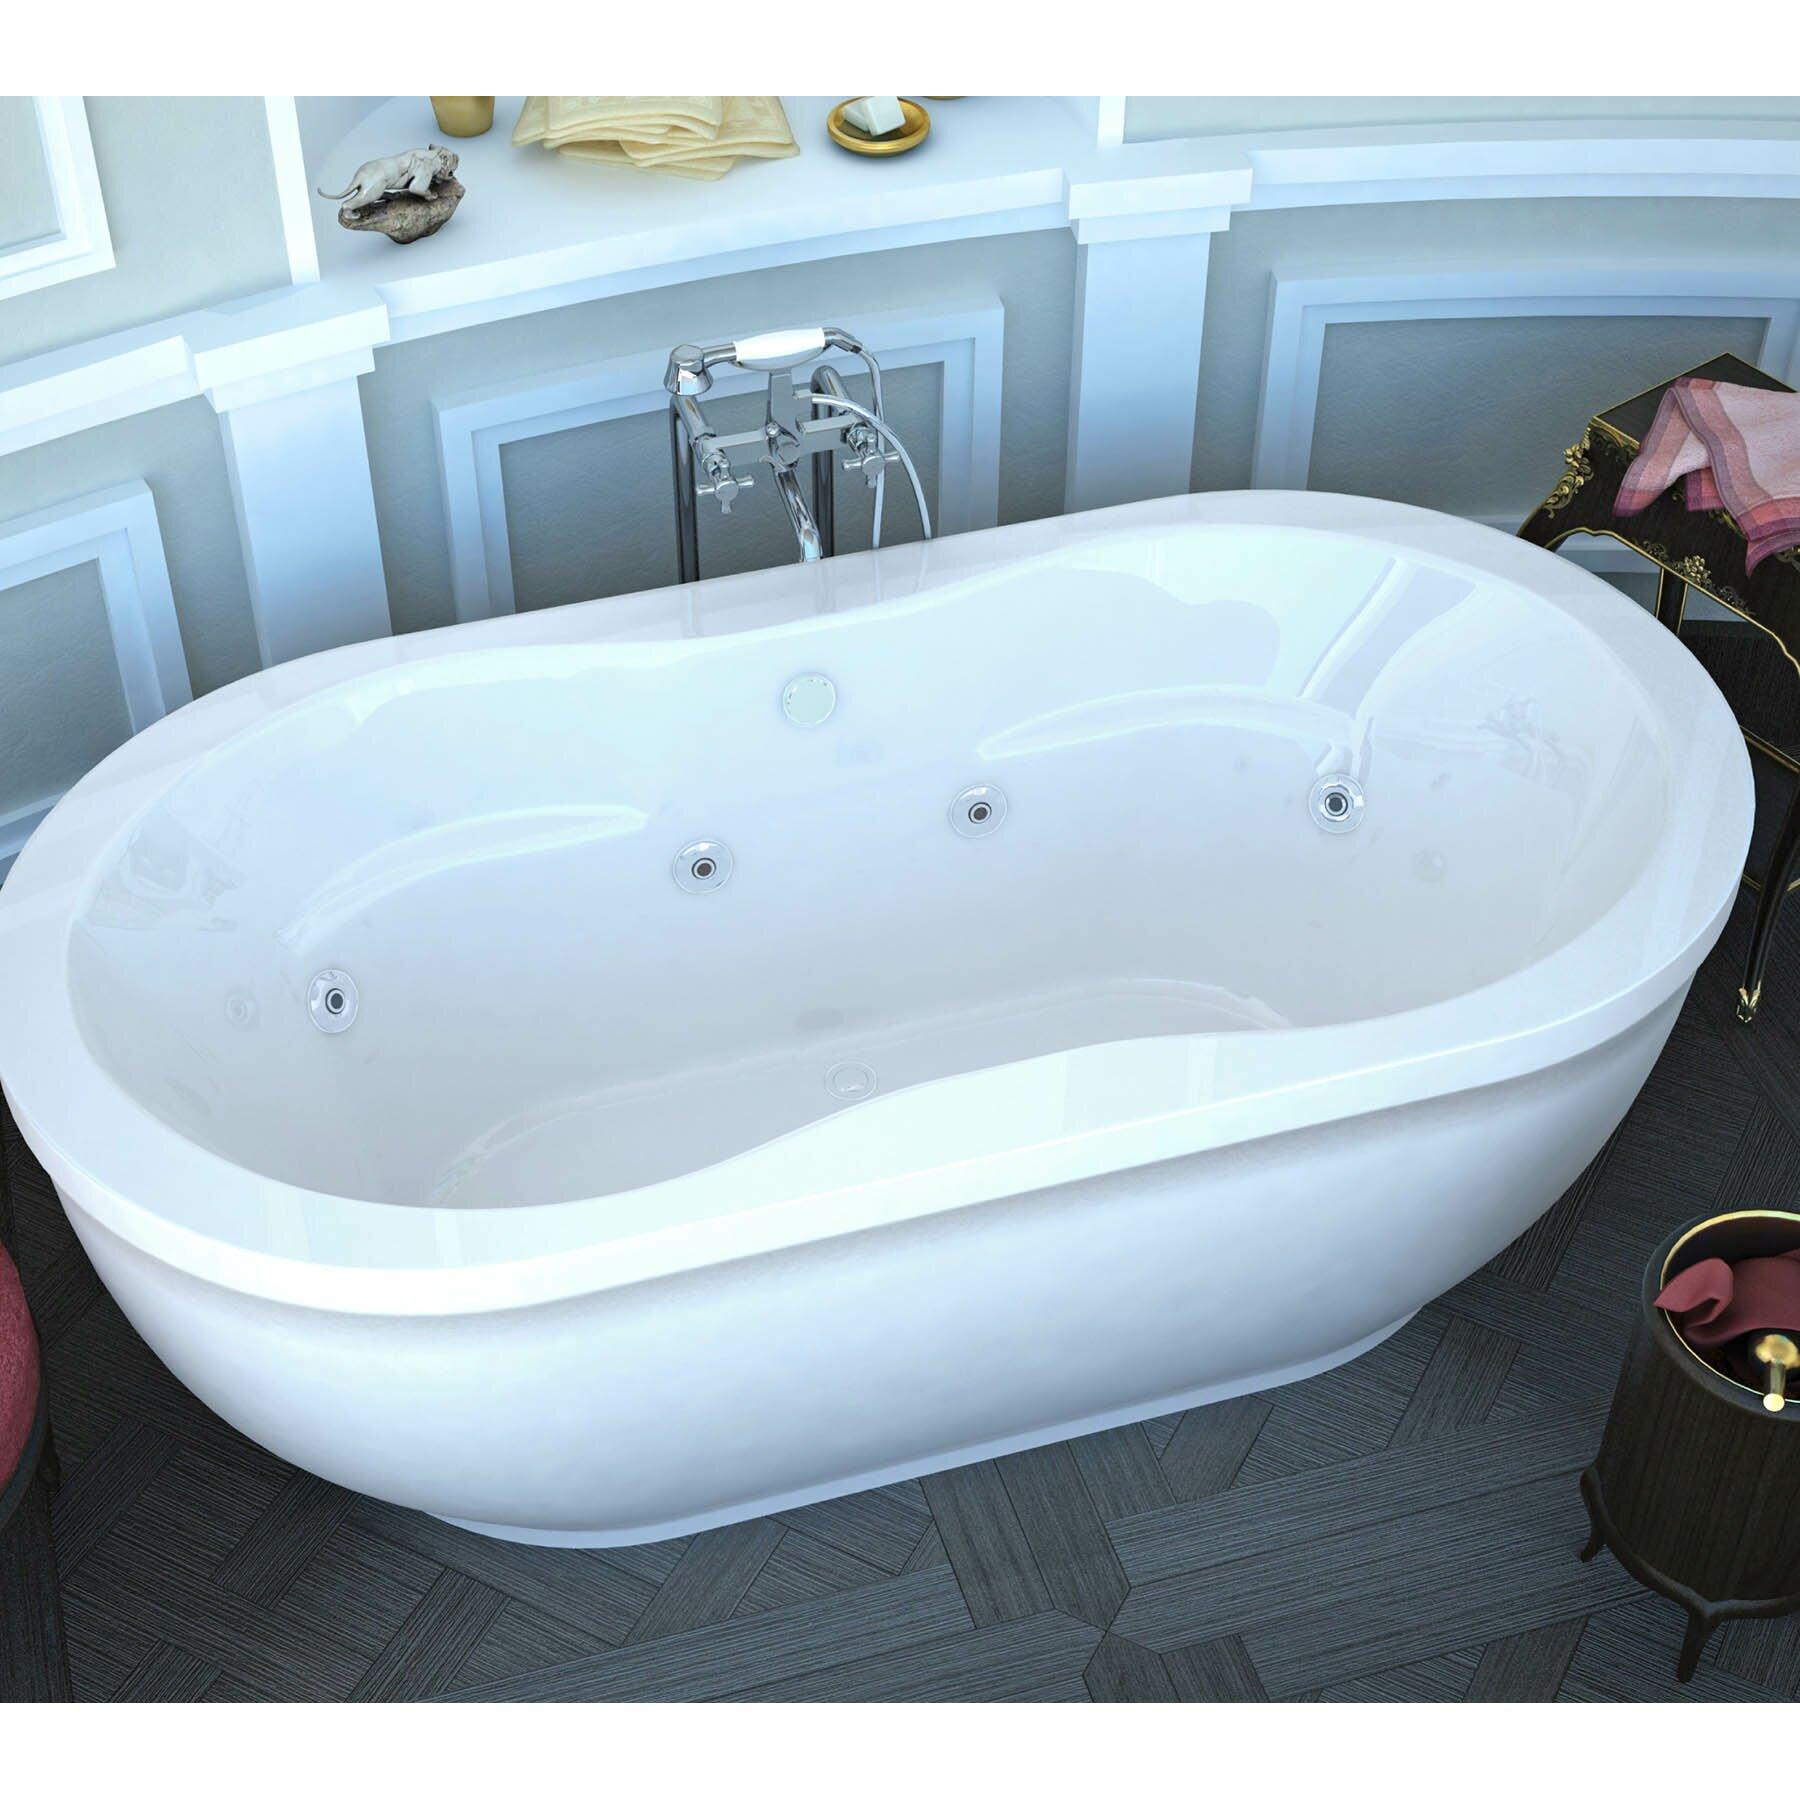 Spa Escapes Vivara  X  Freestanding Bathtub  Reviews - Freestanding tub end drain